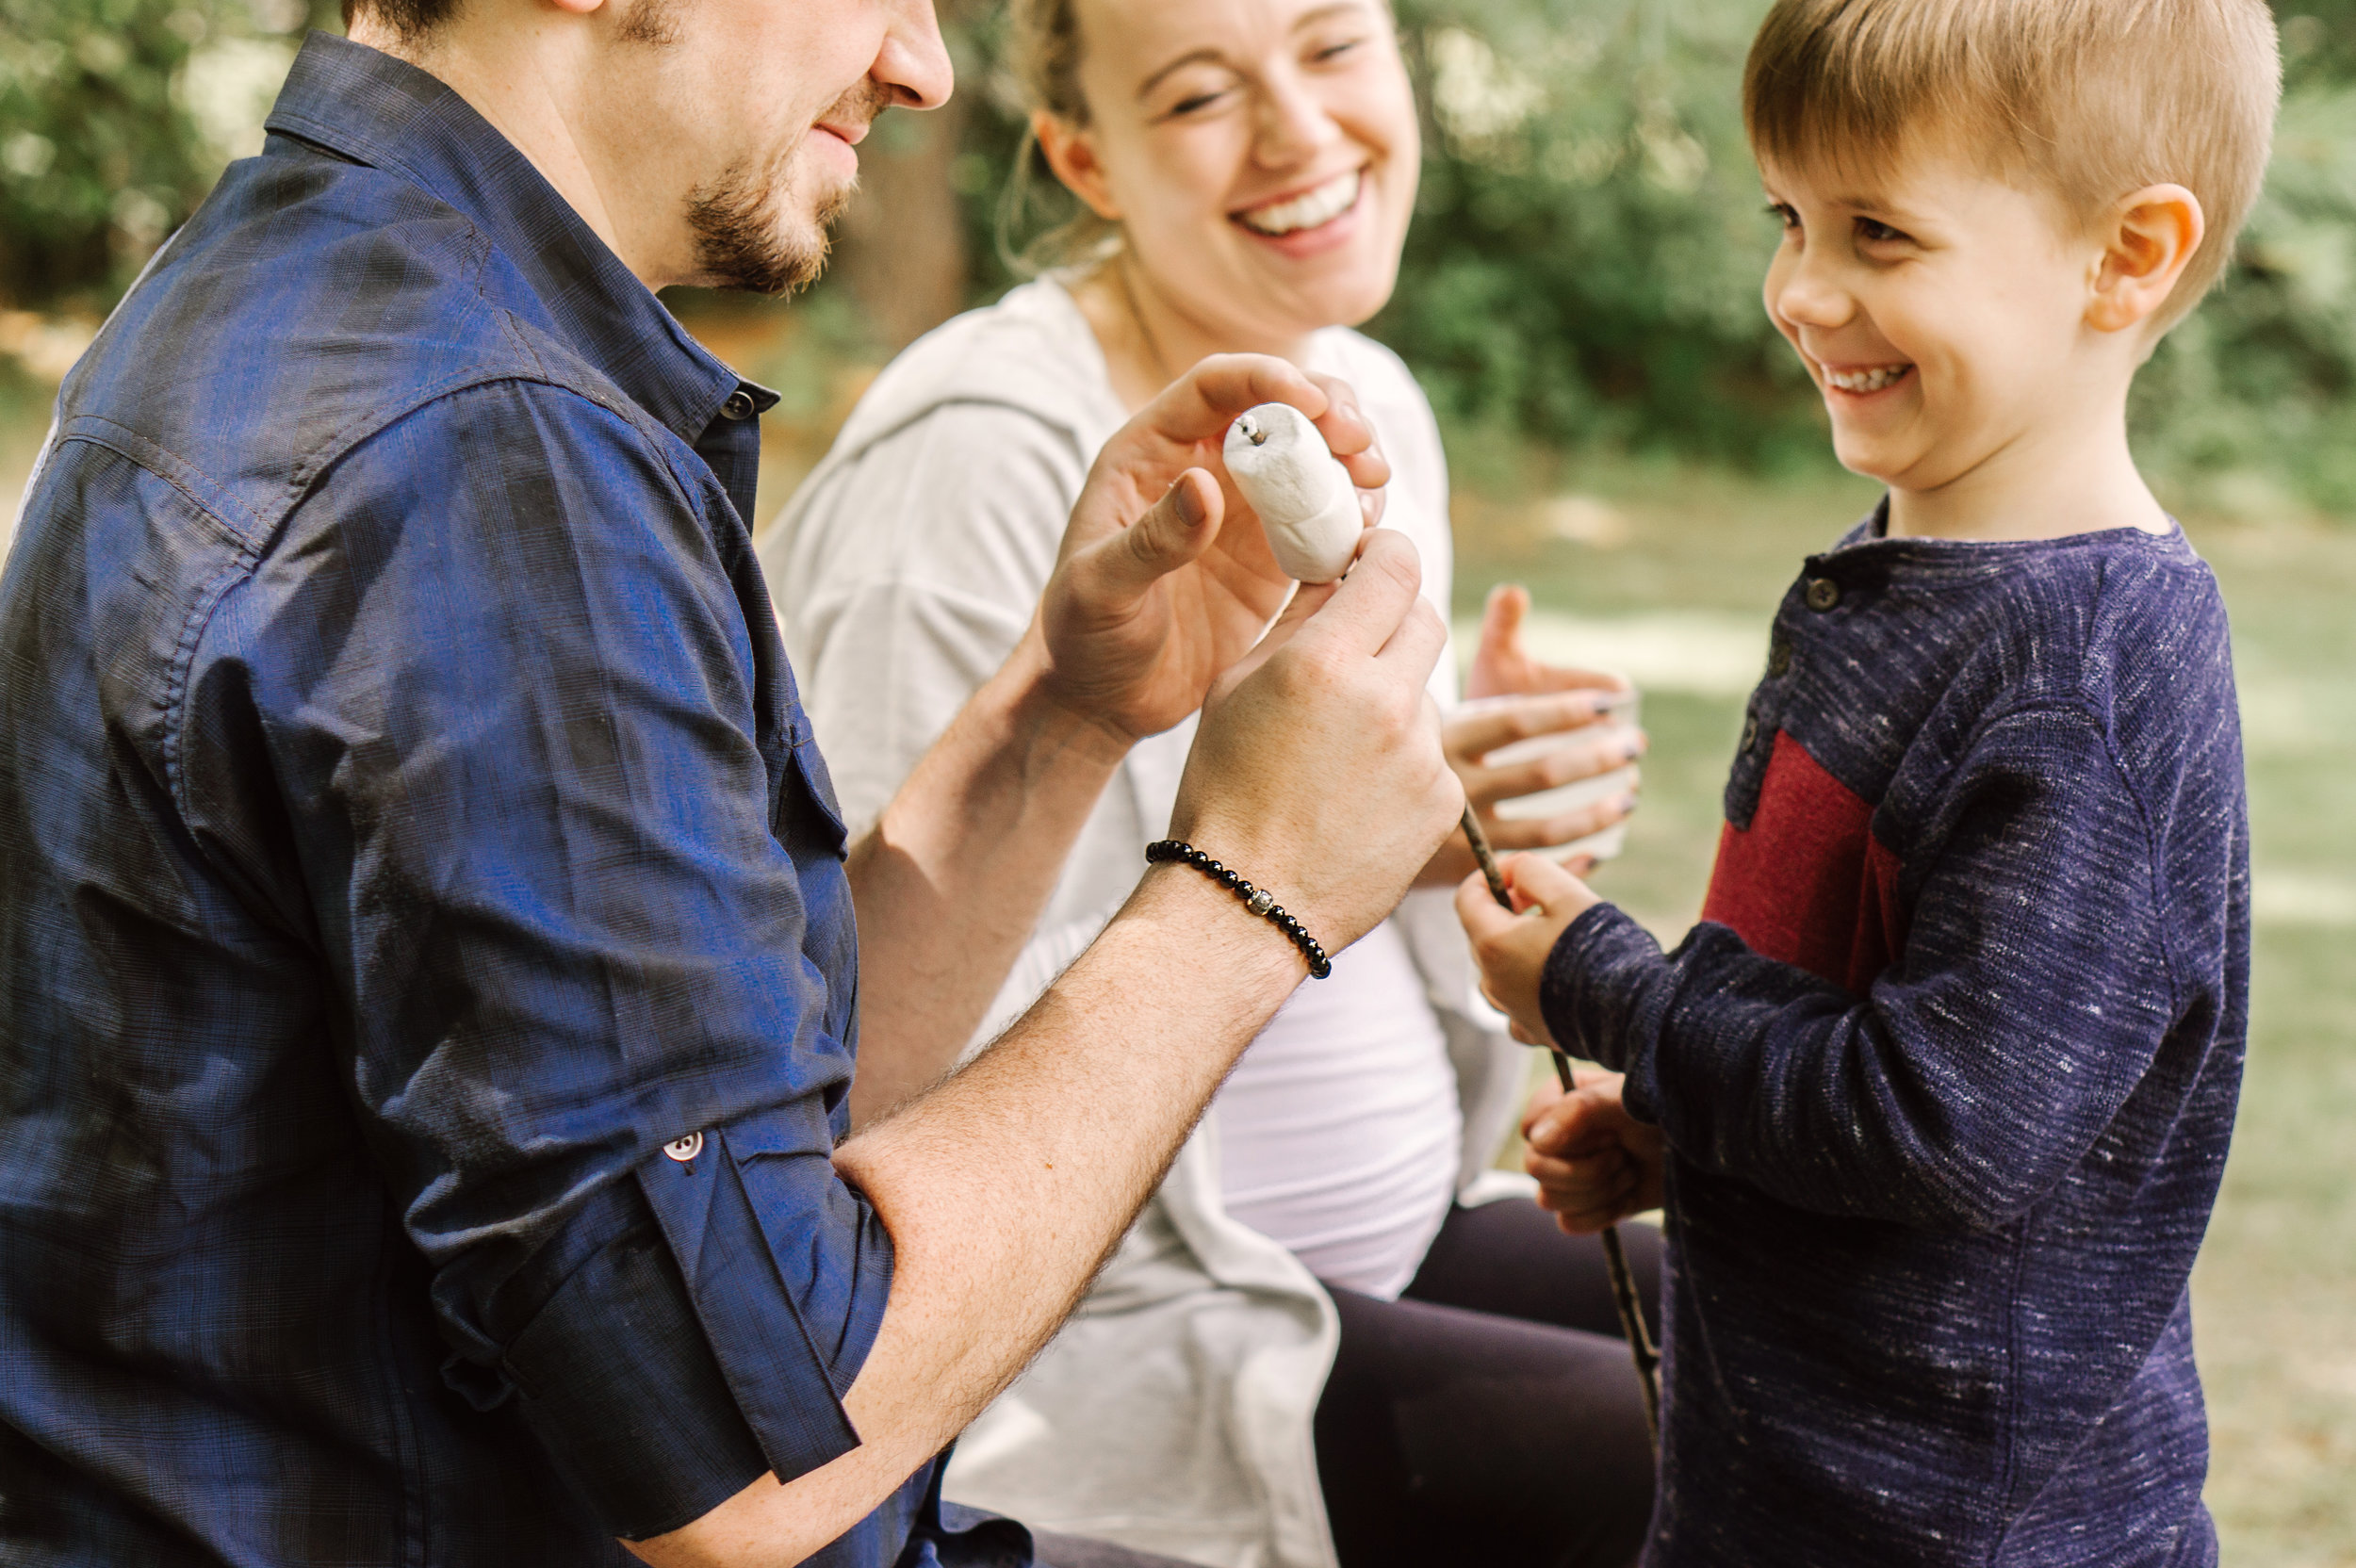 Family time mens bracelet 03 PSD.jpg